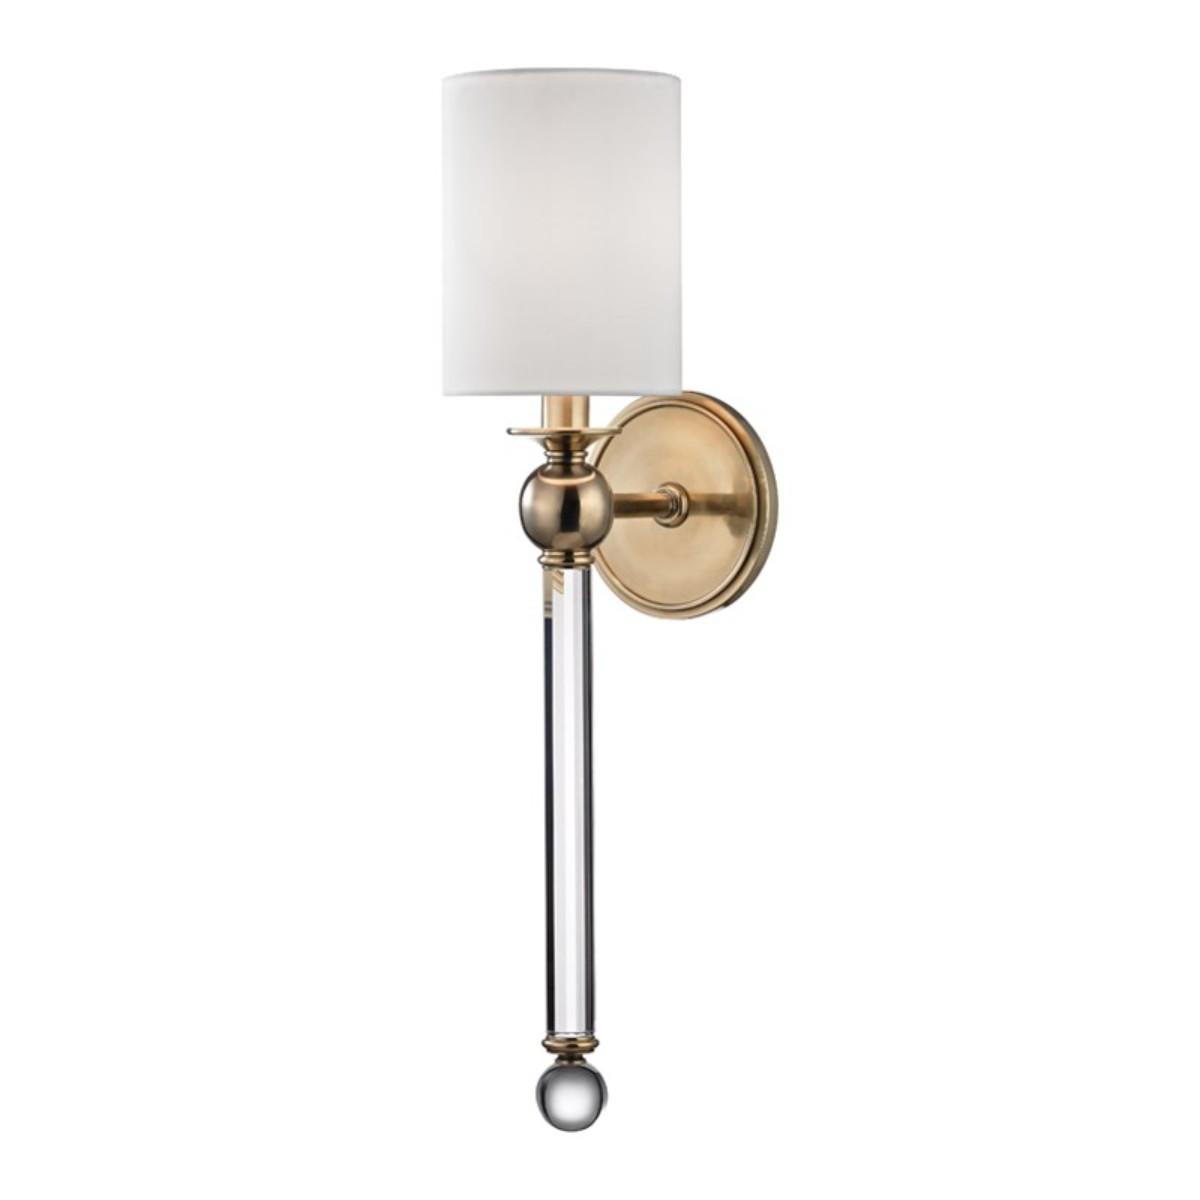 Hudson Valley I Gordon Wall Light I Aged Brass